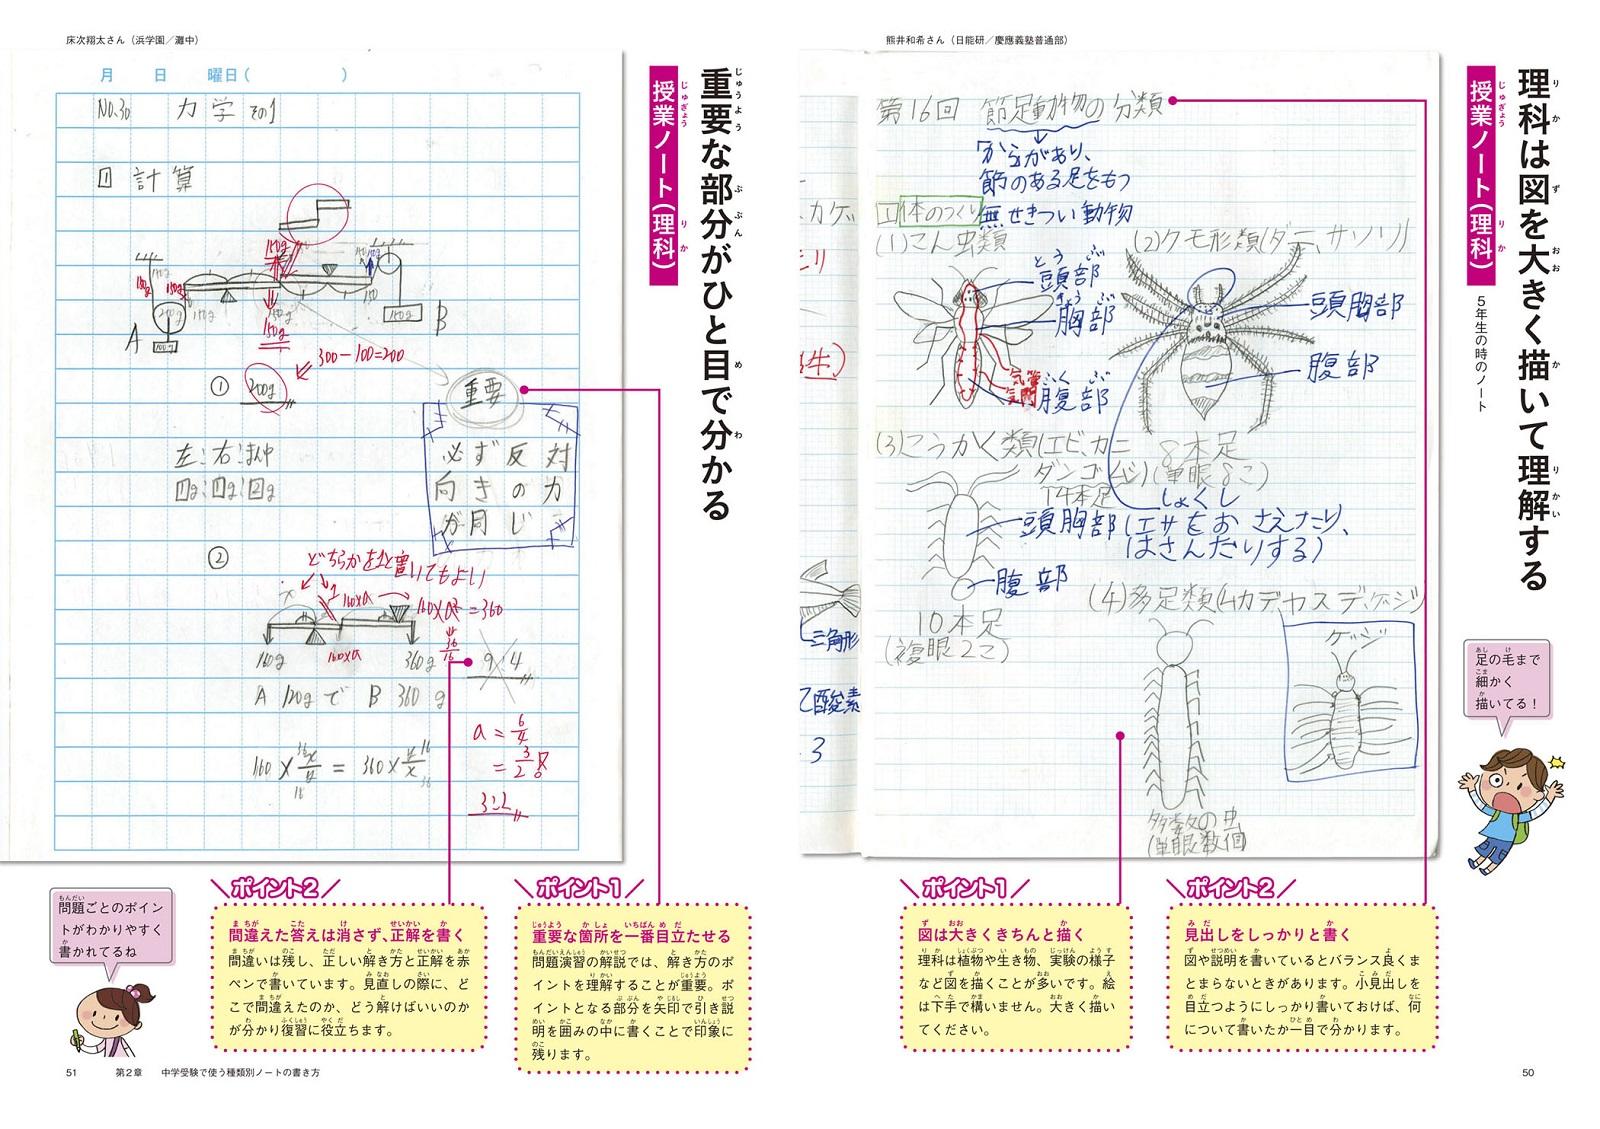 ◆中学受験に合格した先輩たちはみんなノートと友だちだった 合格するノート力をつける3つの条件